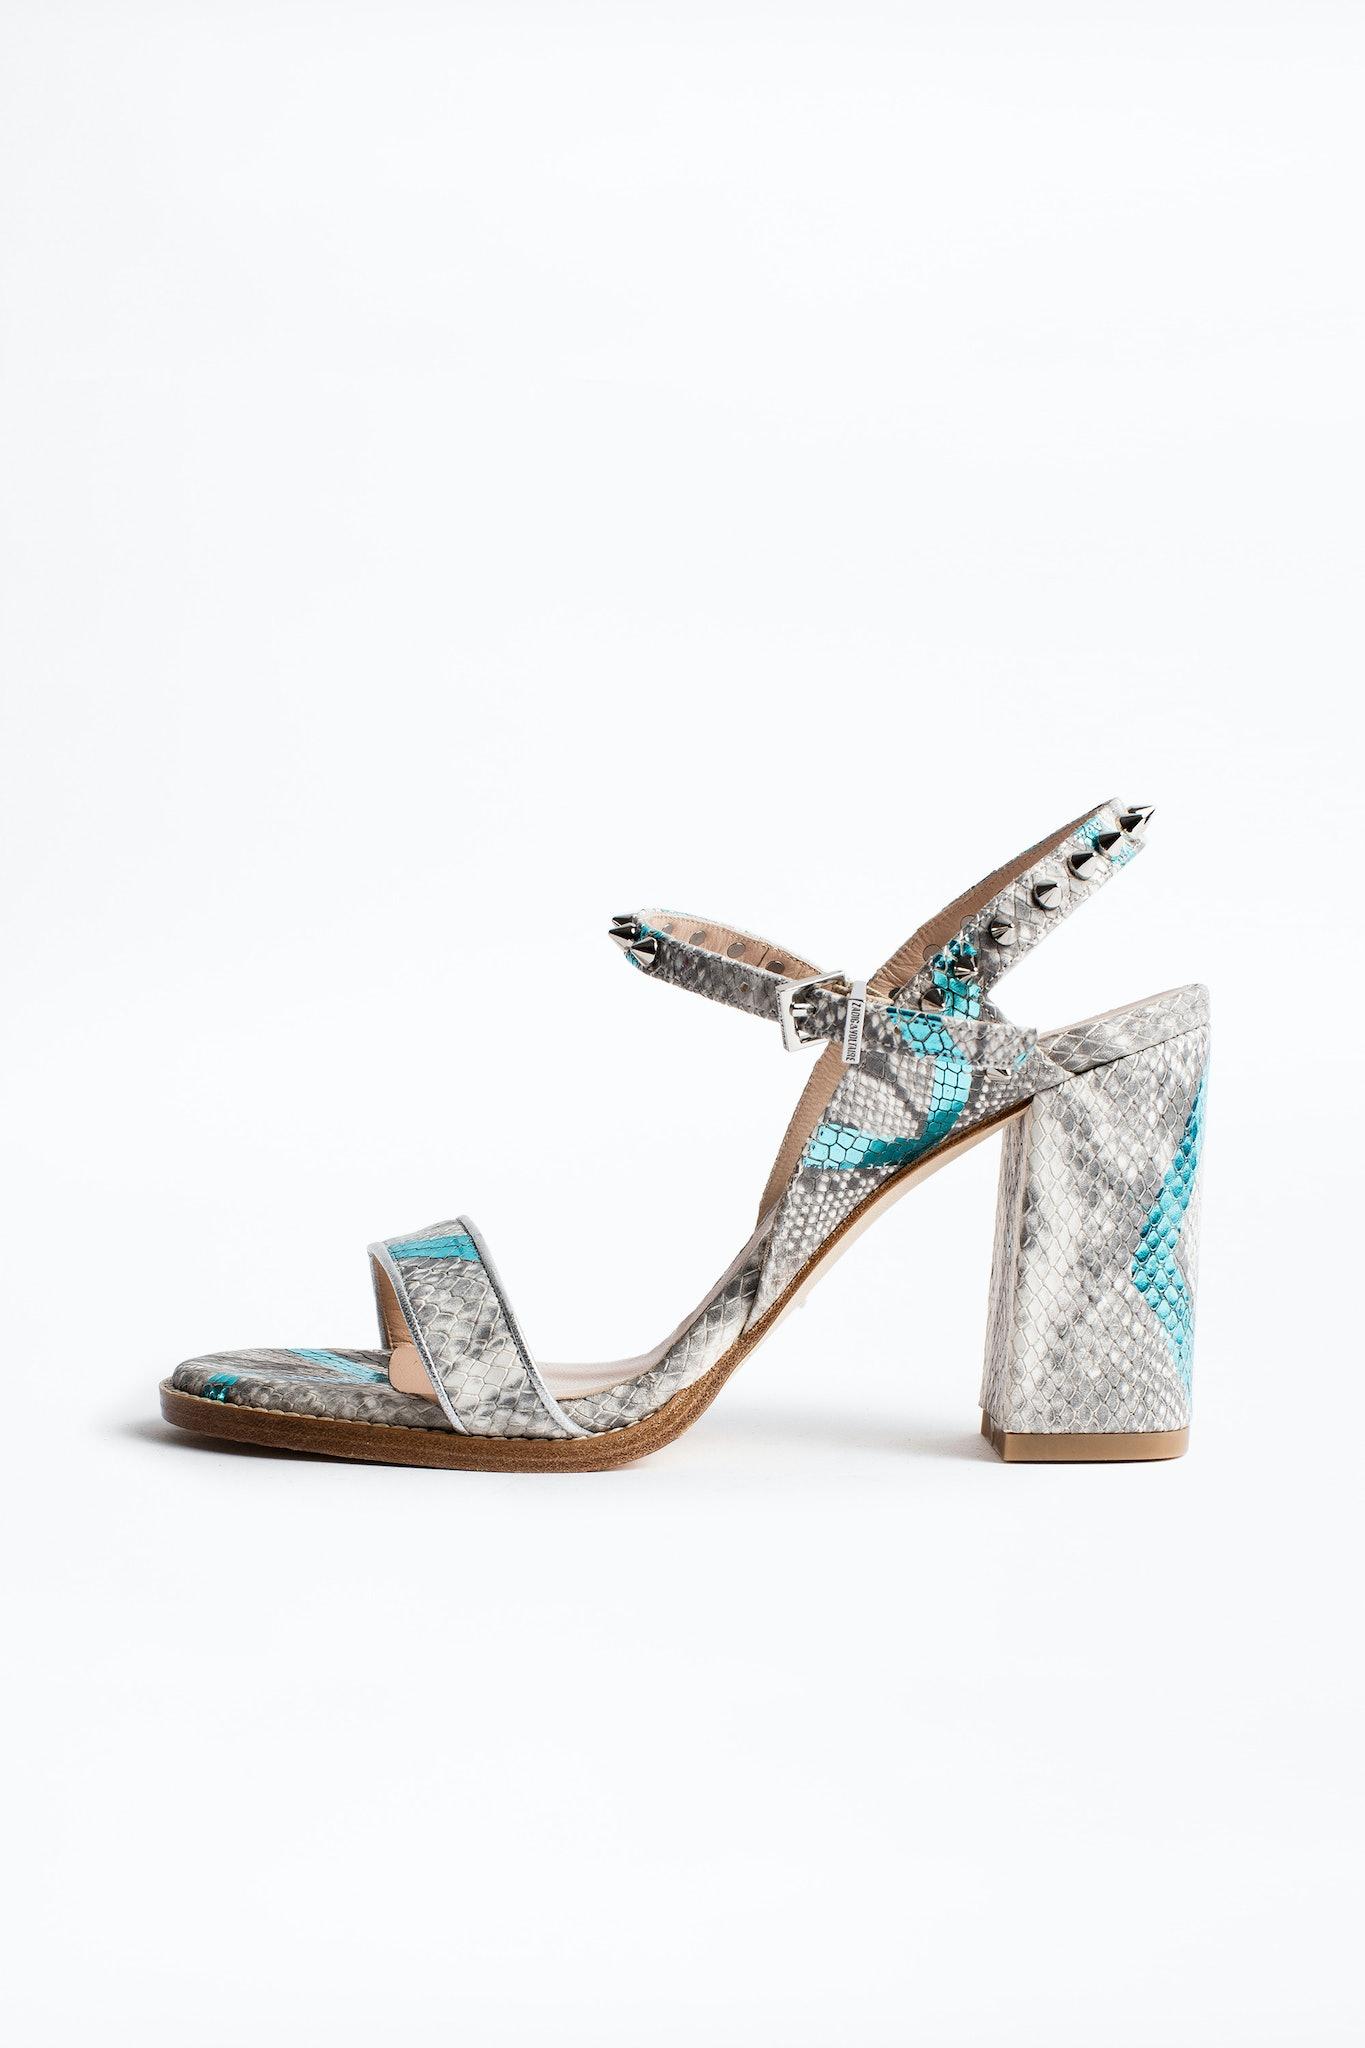 Vogue Wild sandals